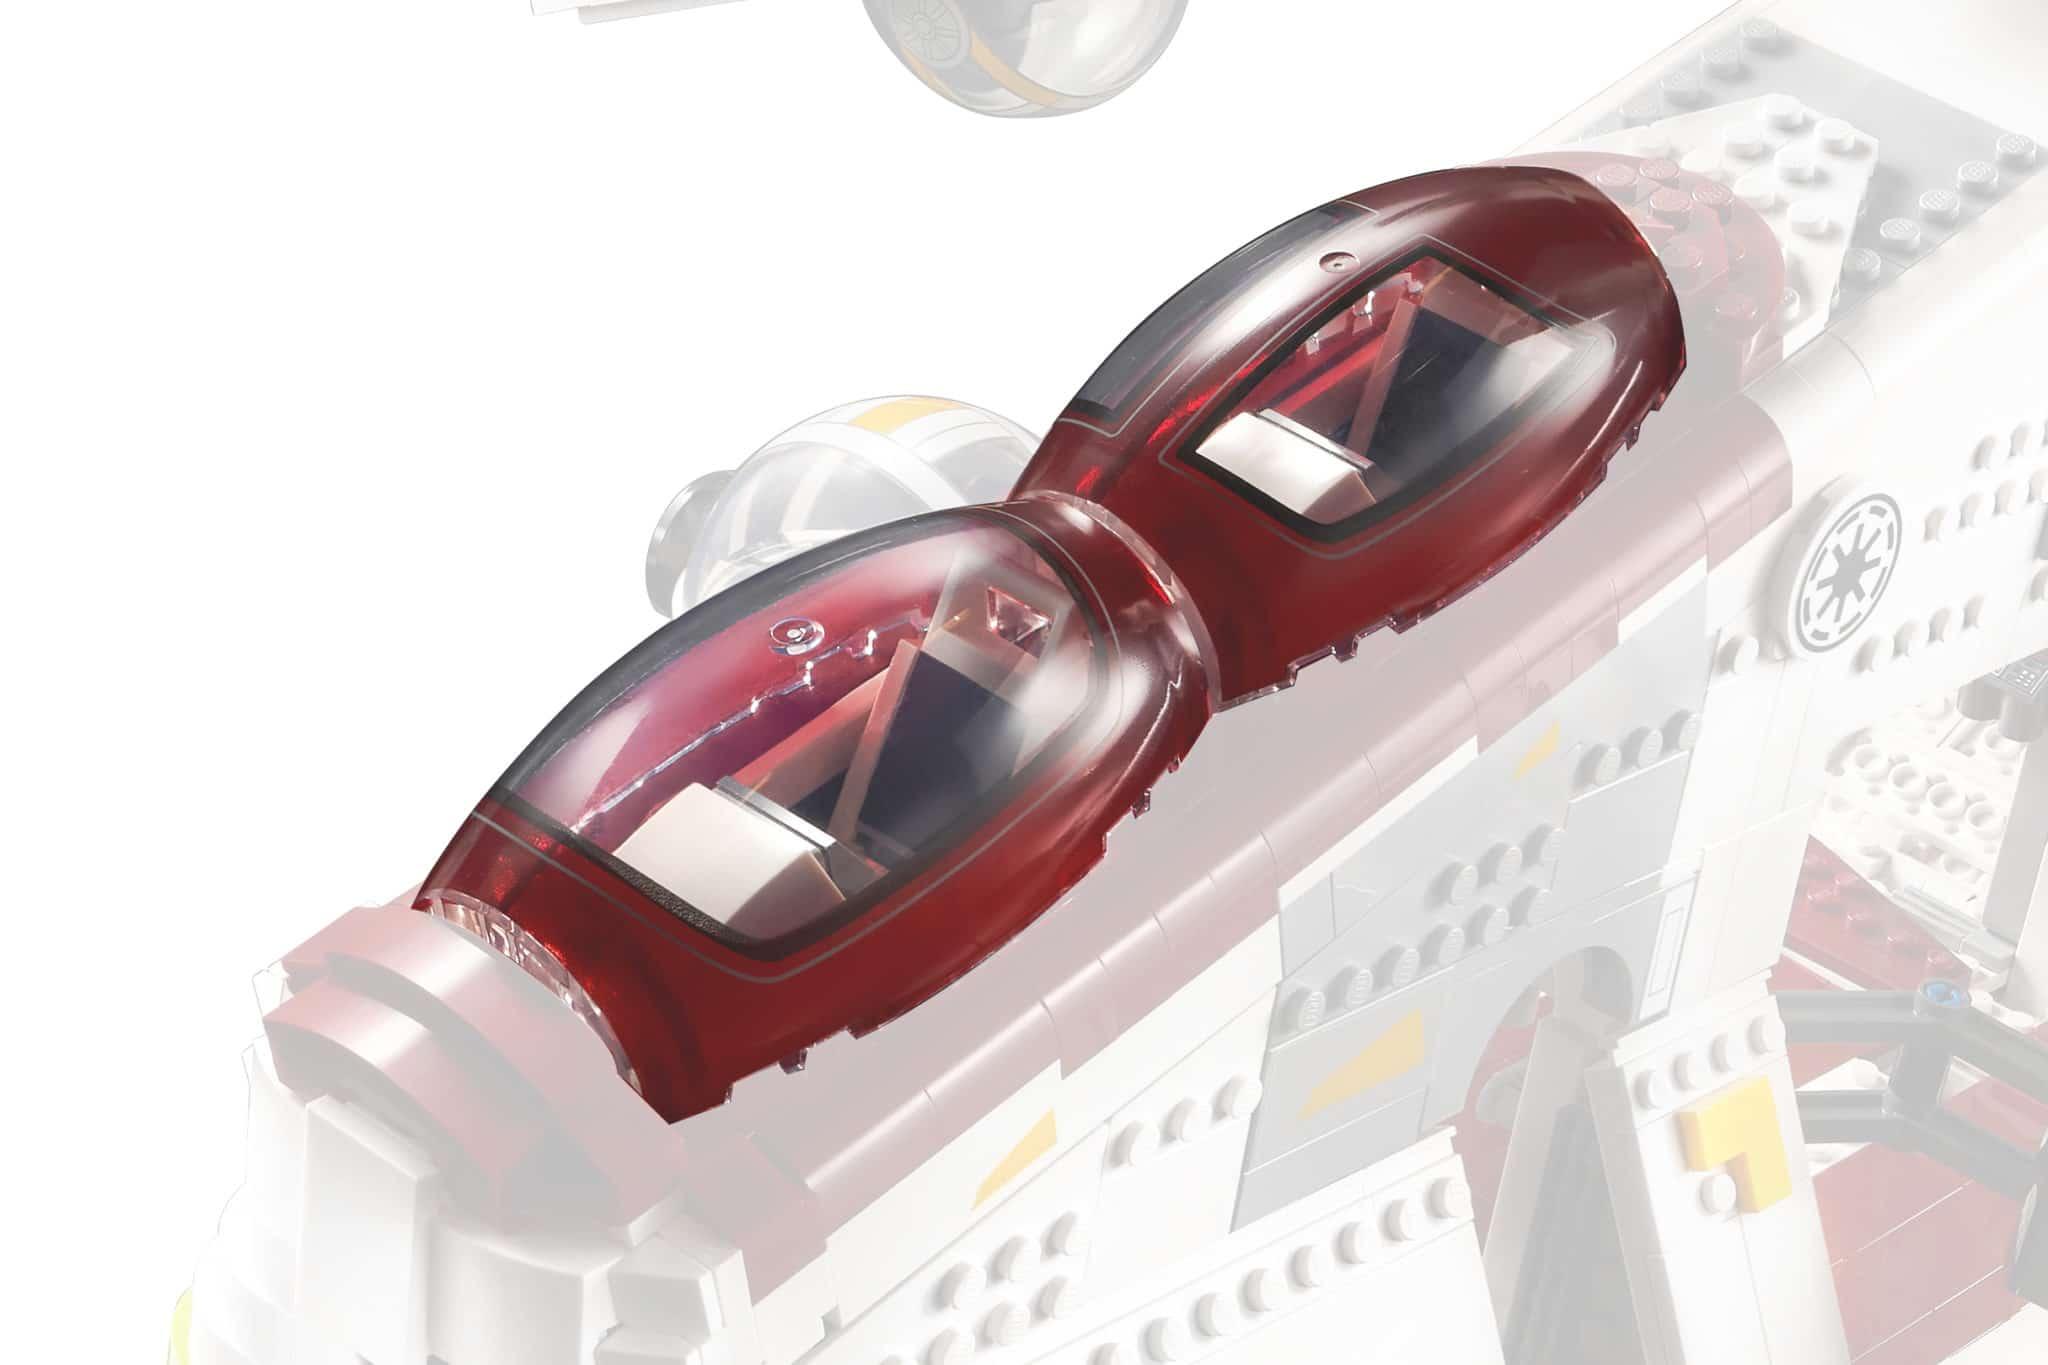 LEGO Star Wars 75309 Gunship Neue Teile03